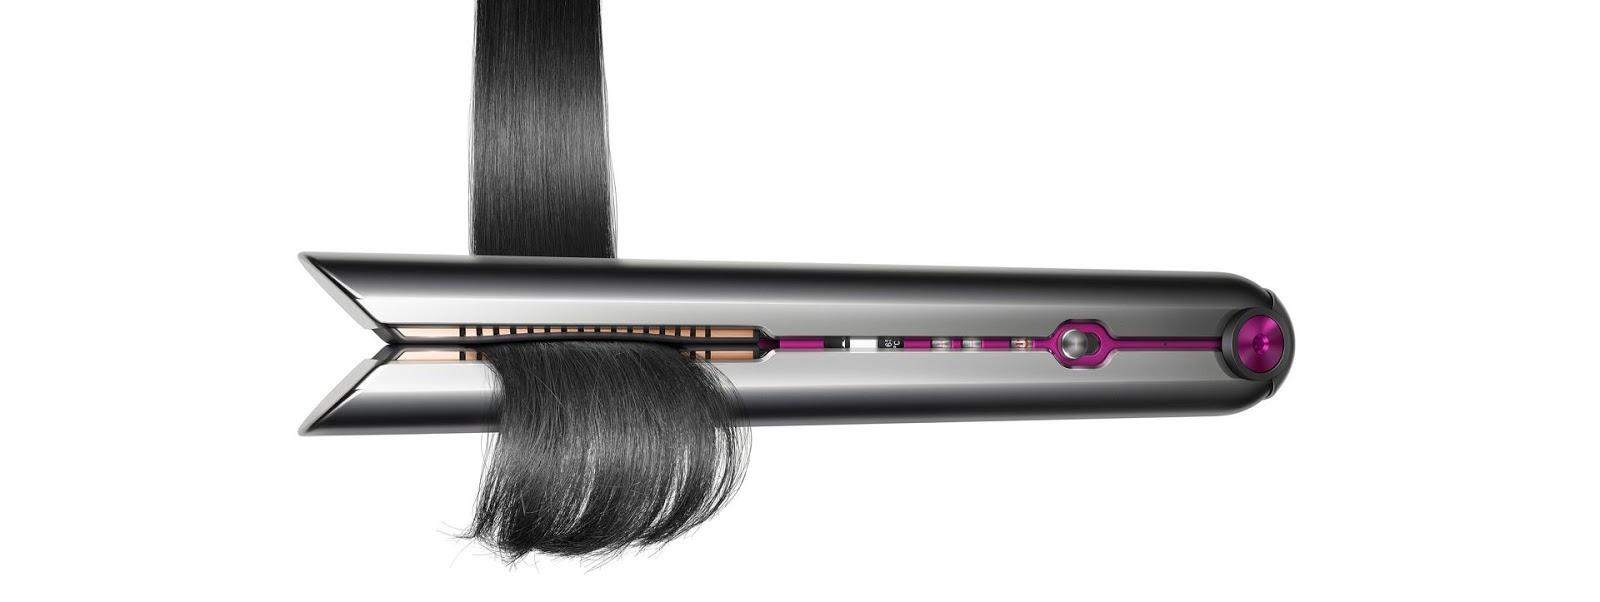 """""""Benim Yeni Gizli Silahım"""" Dedirtecek Bir Saç Düzleştiricinin Sana Sunması Gereken 8 Şey"""